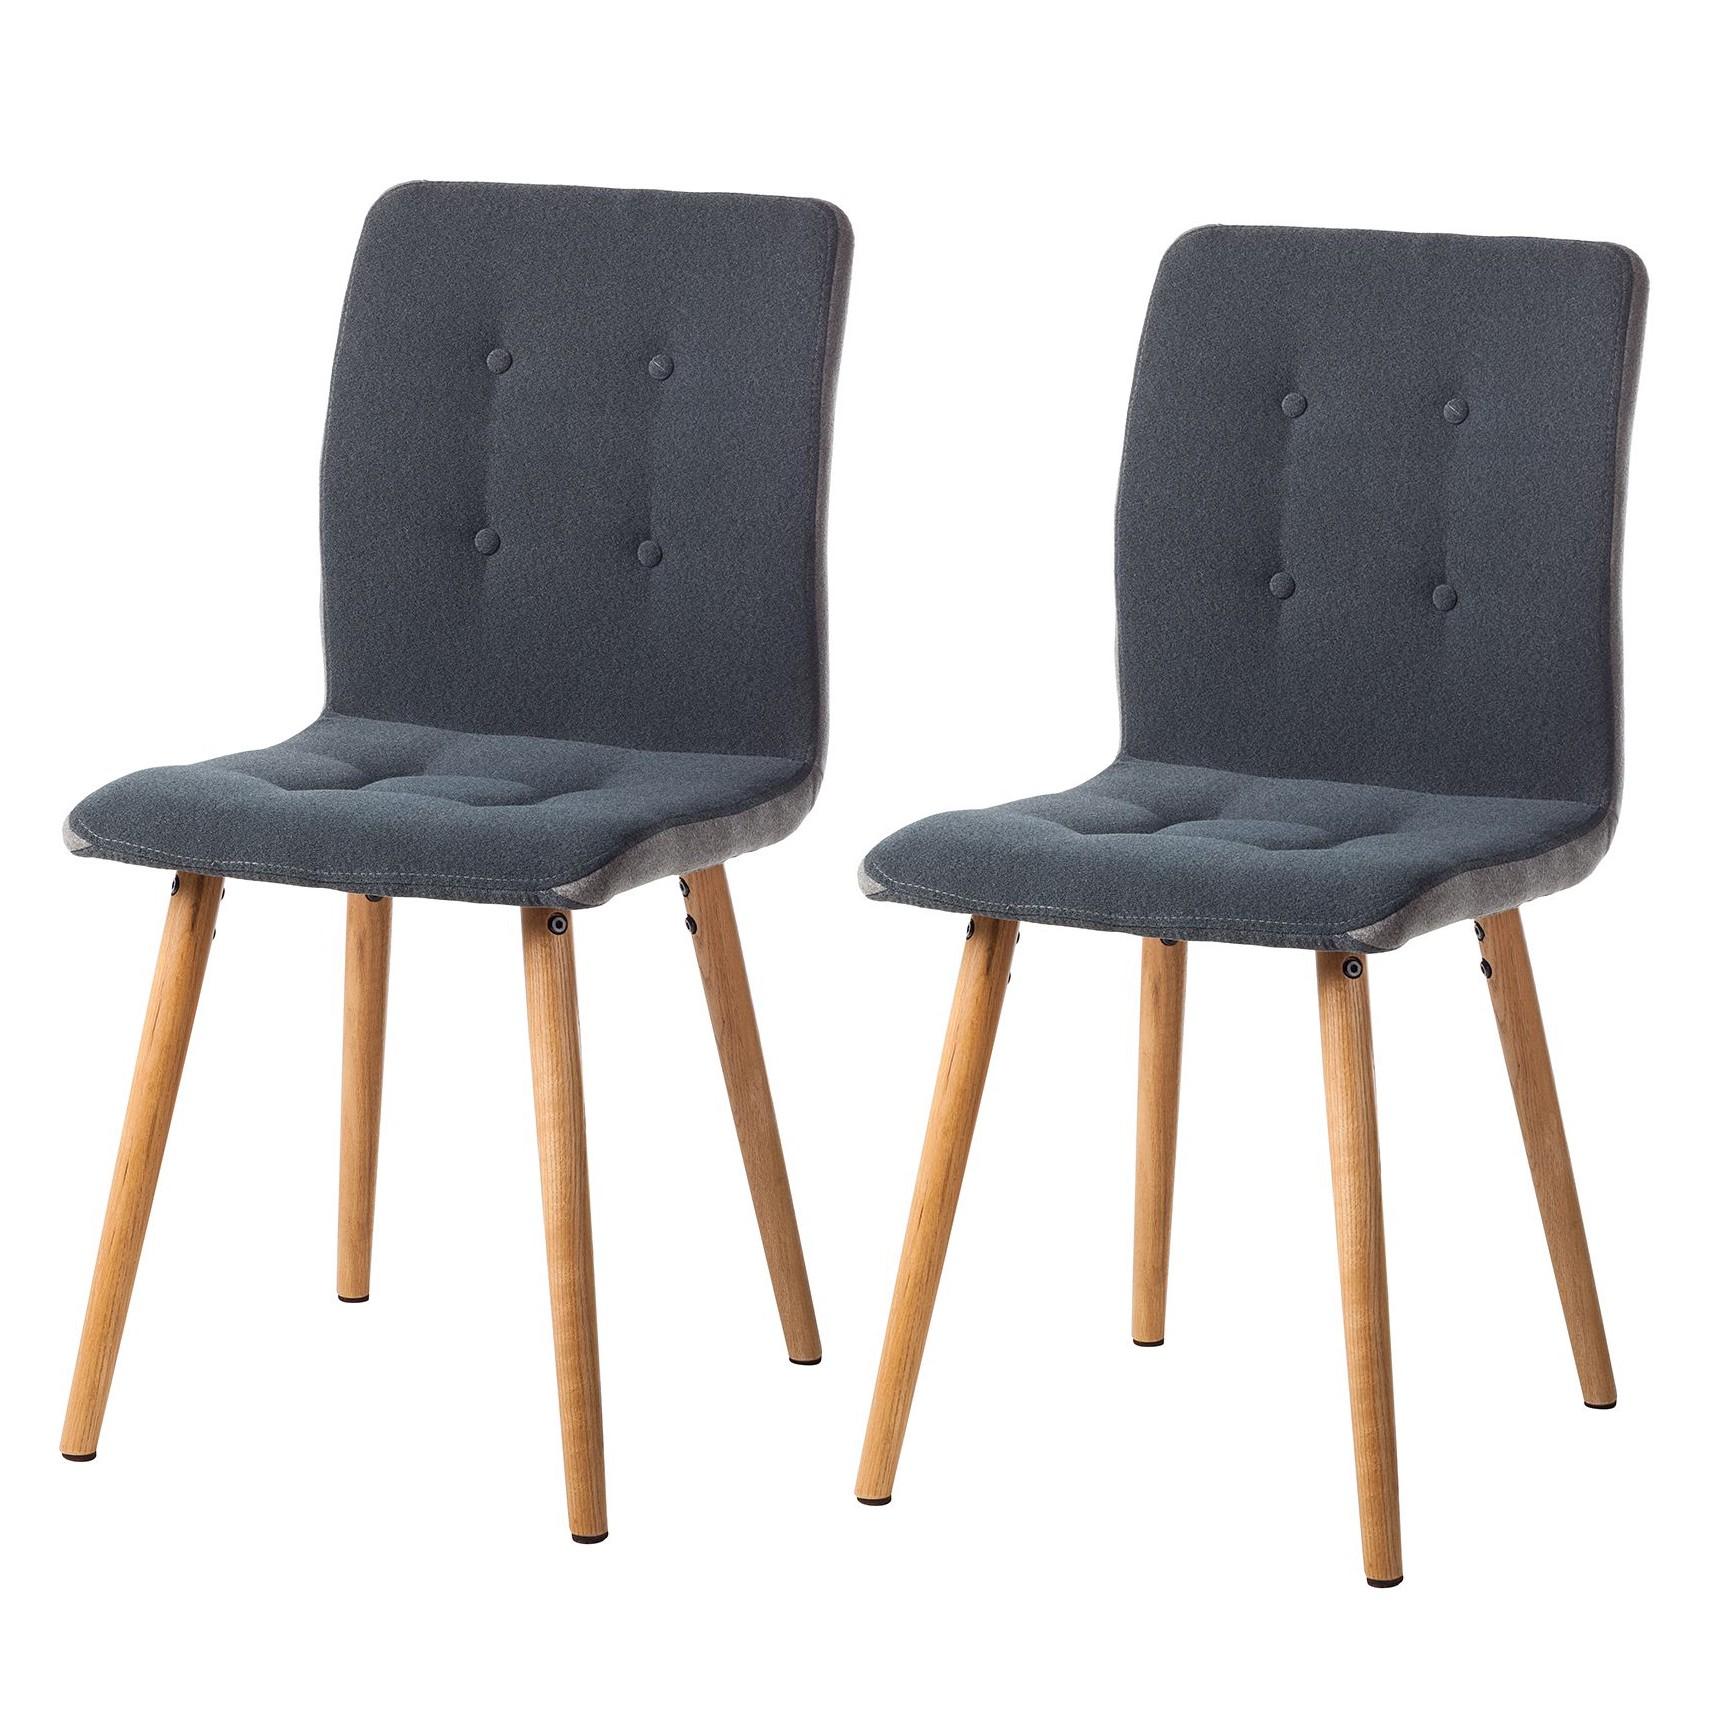 polsterstuhl eiche preisvergleich die besten angebote. Black Bedroom Furniture Sets. Home Design Ideas